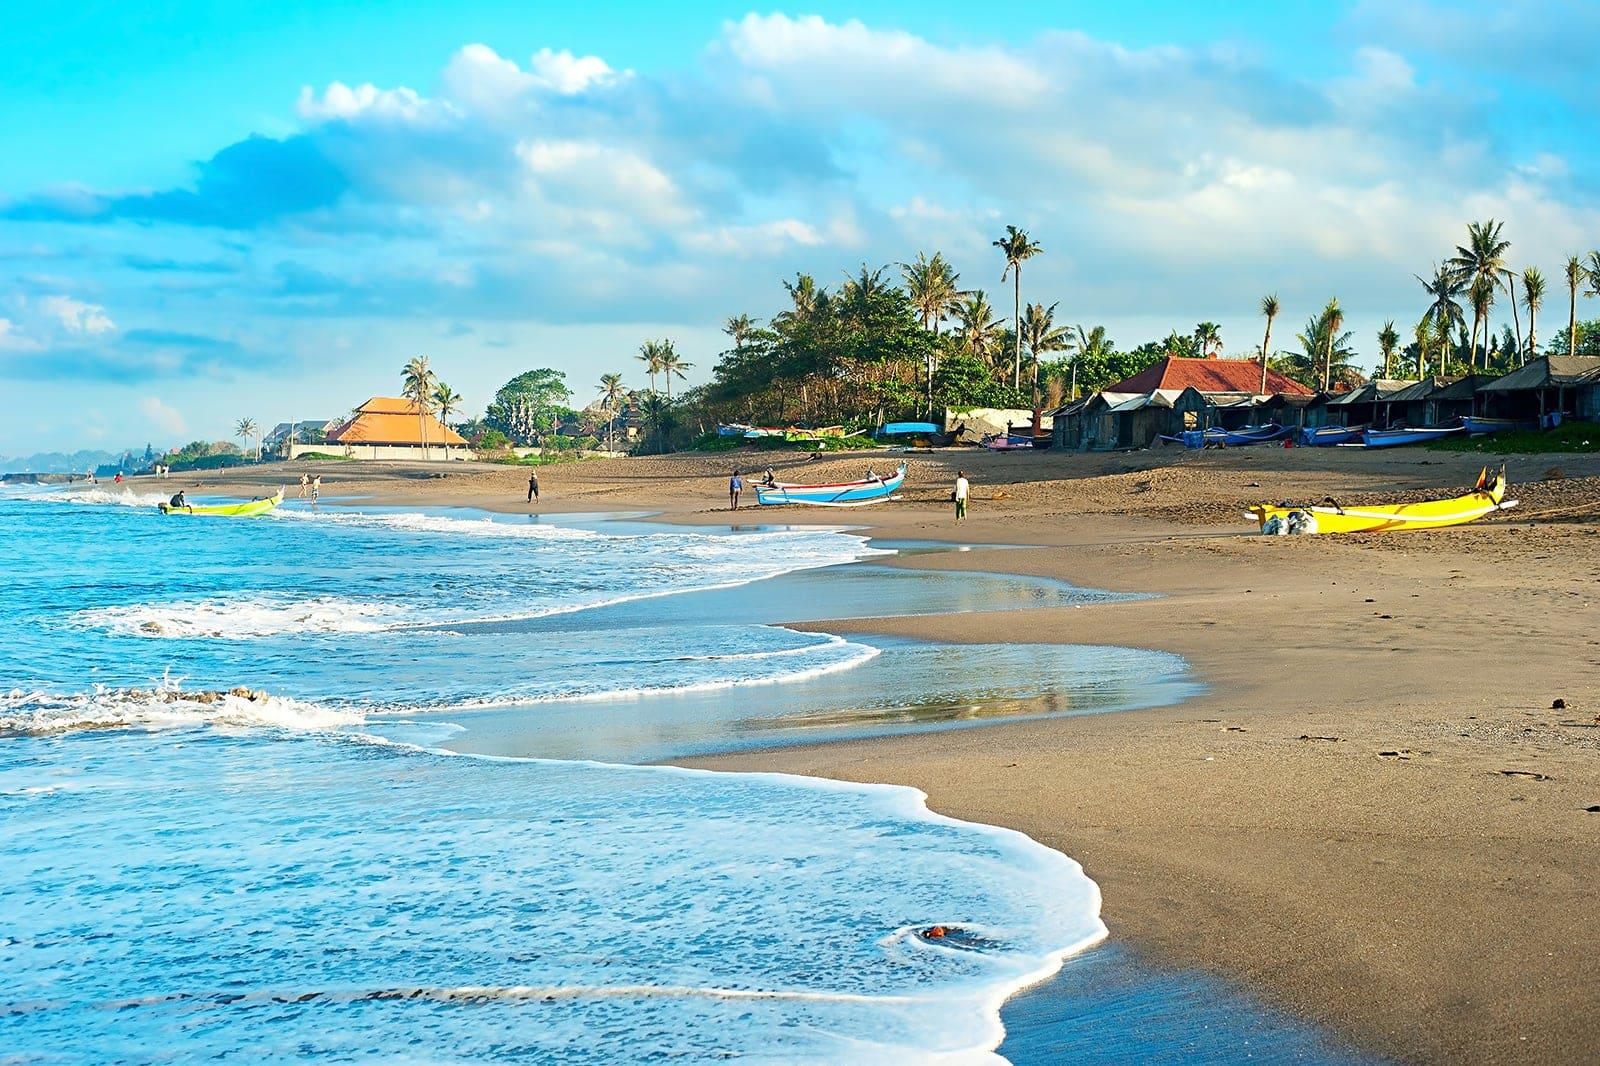 Las 5 cosas más importantes para hacer en Canggu, Bali